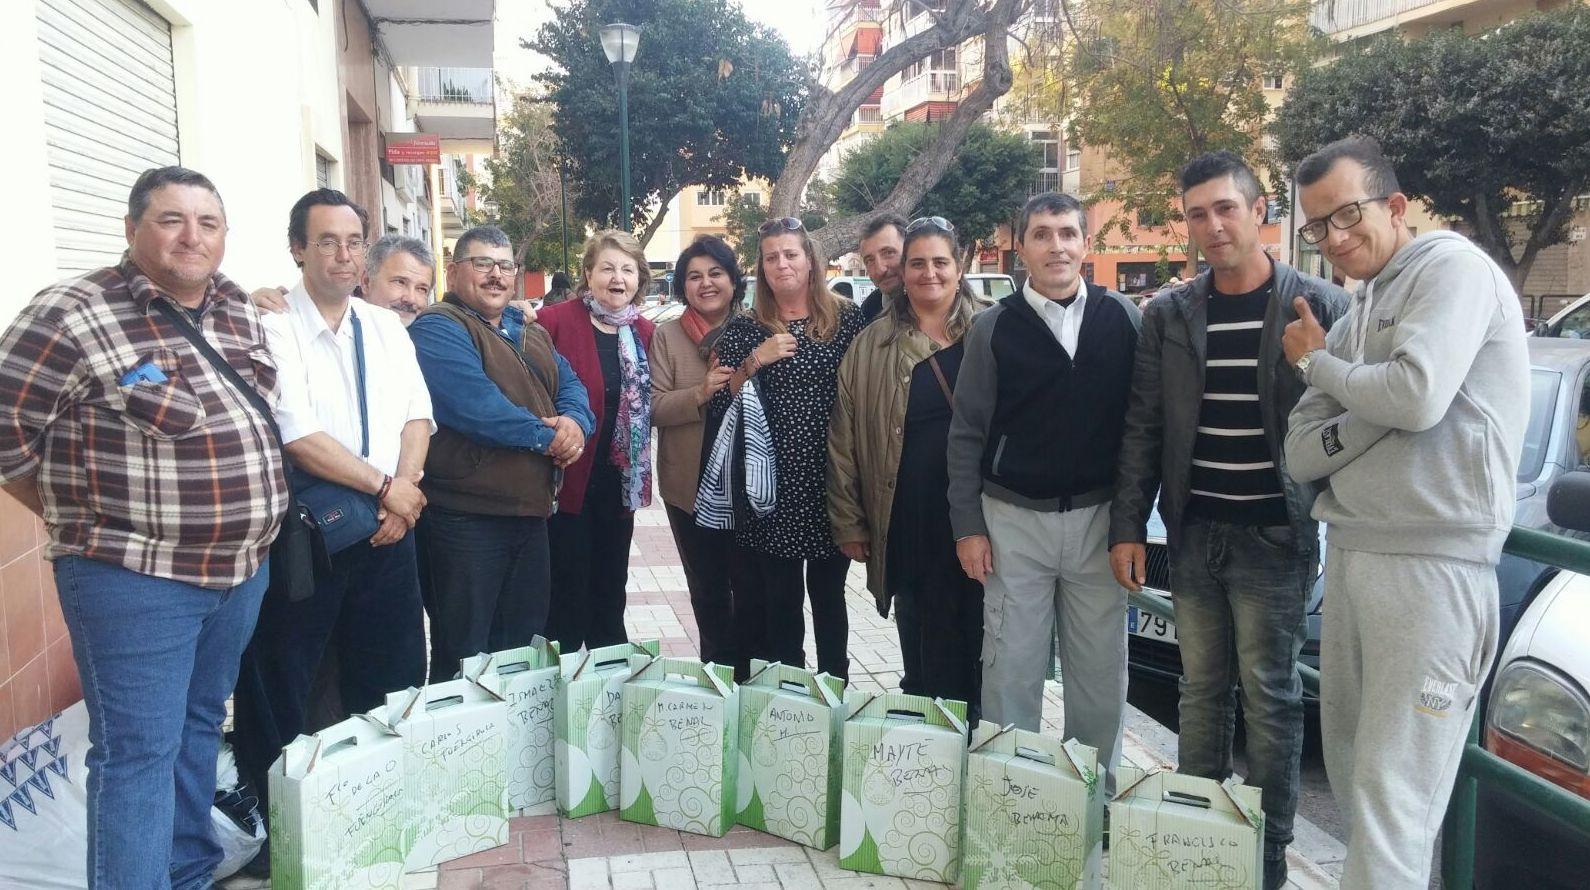 Foto 142 de Asociación de discapacitados en Málaga | Adisma